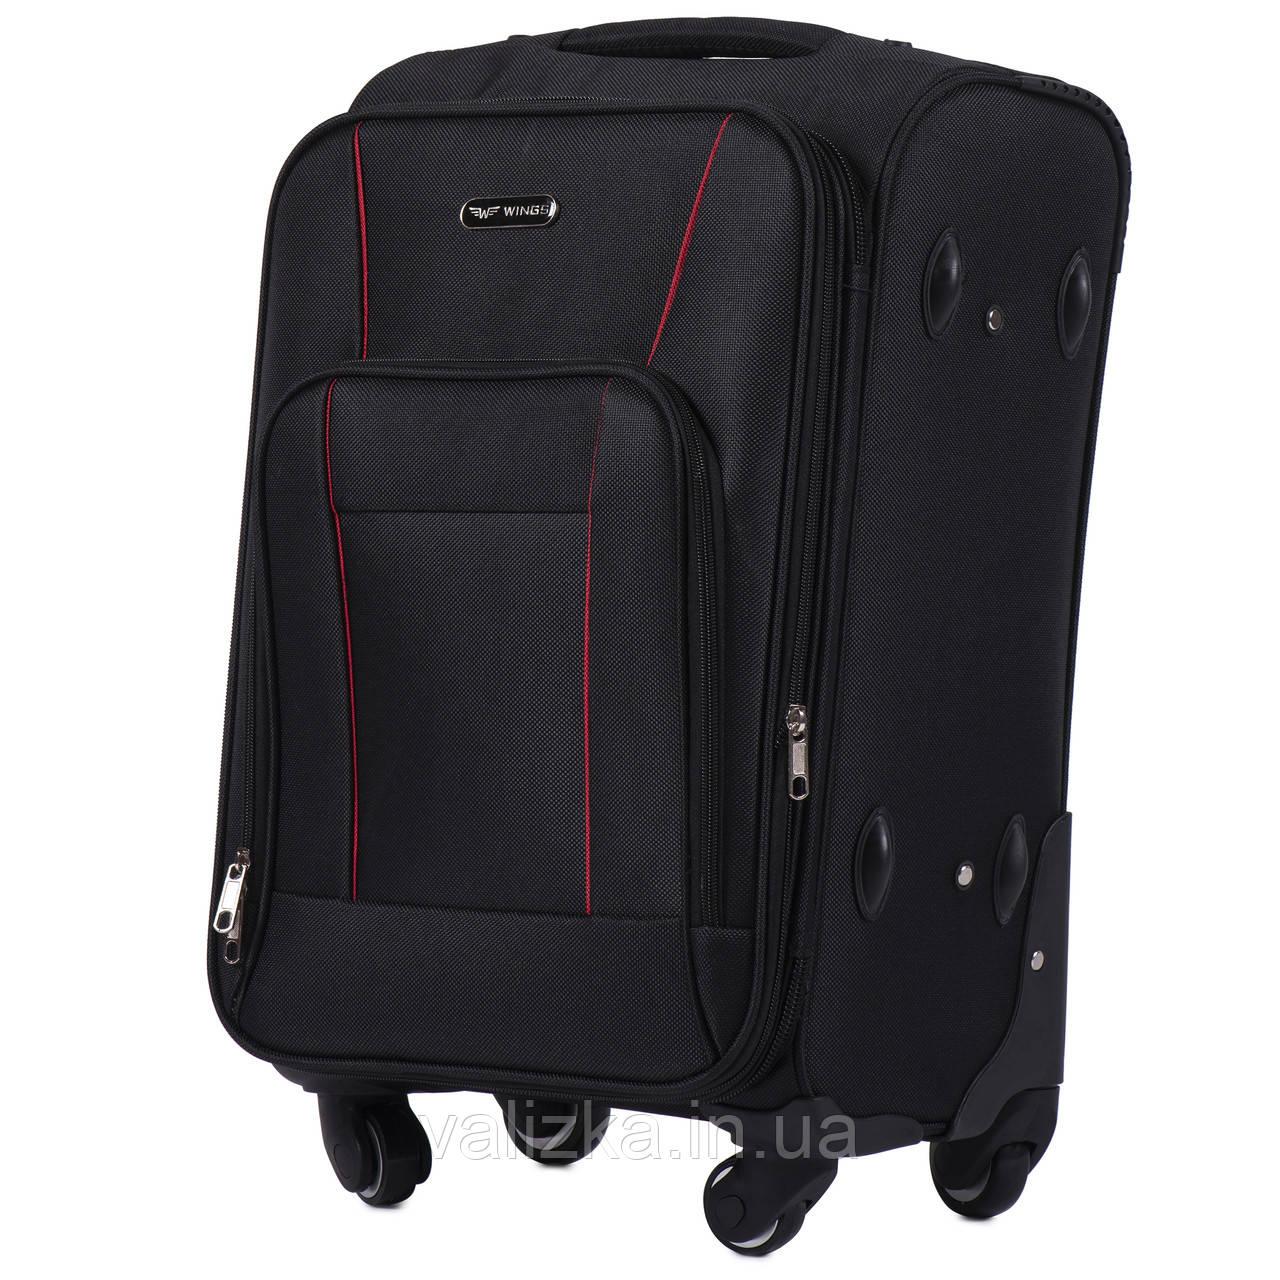 Маленький текстильный чемодан на 4-х колесах для ручной клади с расширителем черный Польша